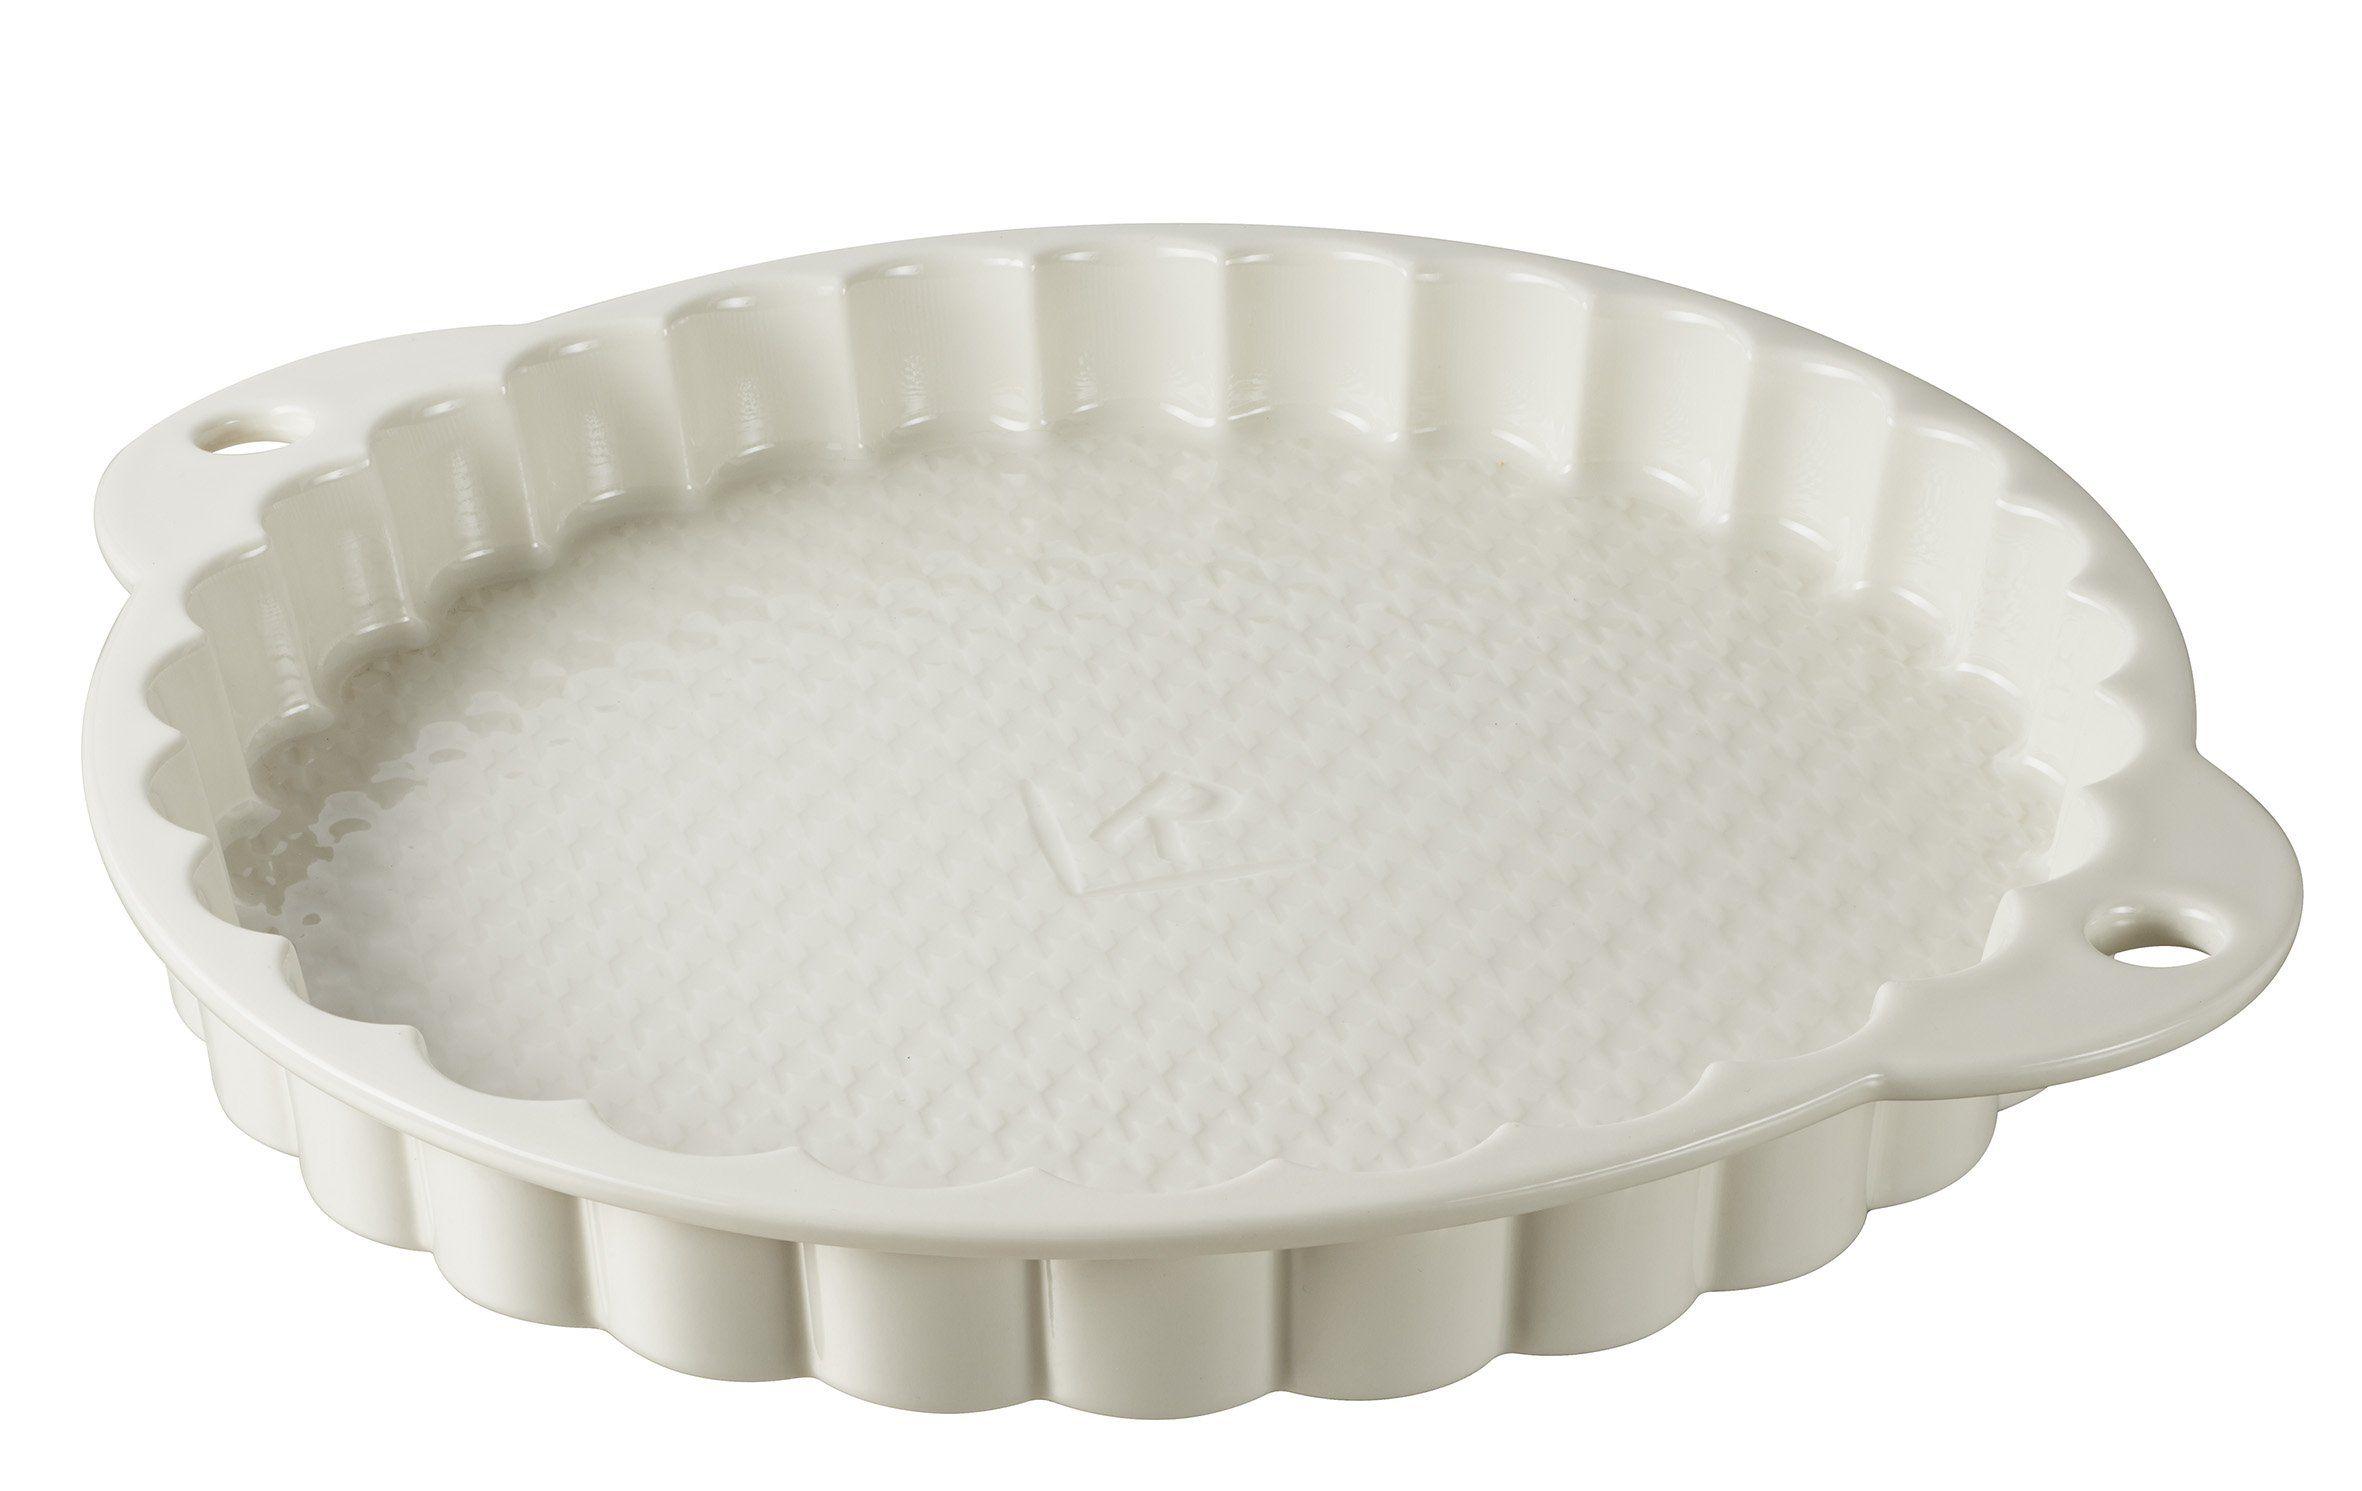 Flan Tin Tart Pie Pan Fluted Cake Baking Tray Non Stick Loose Base Mold Tool UK